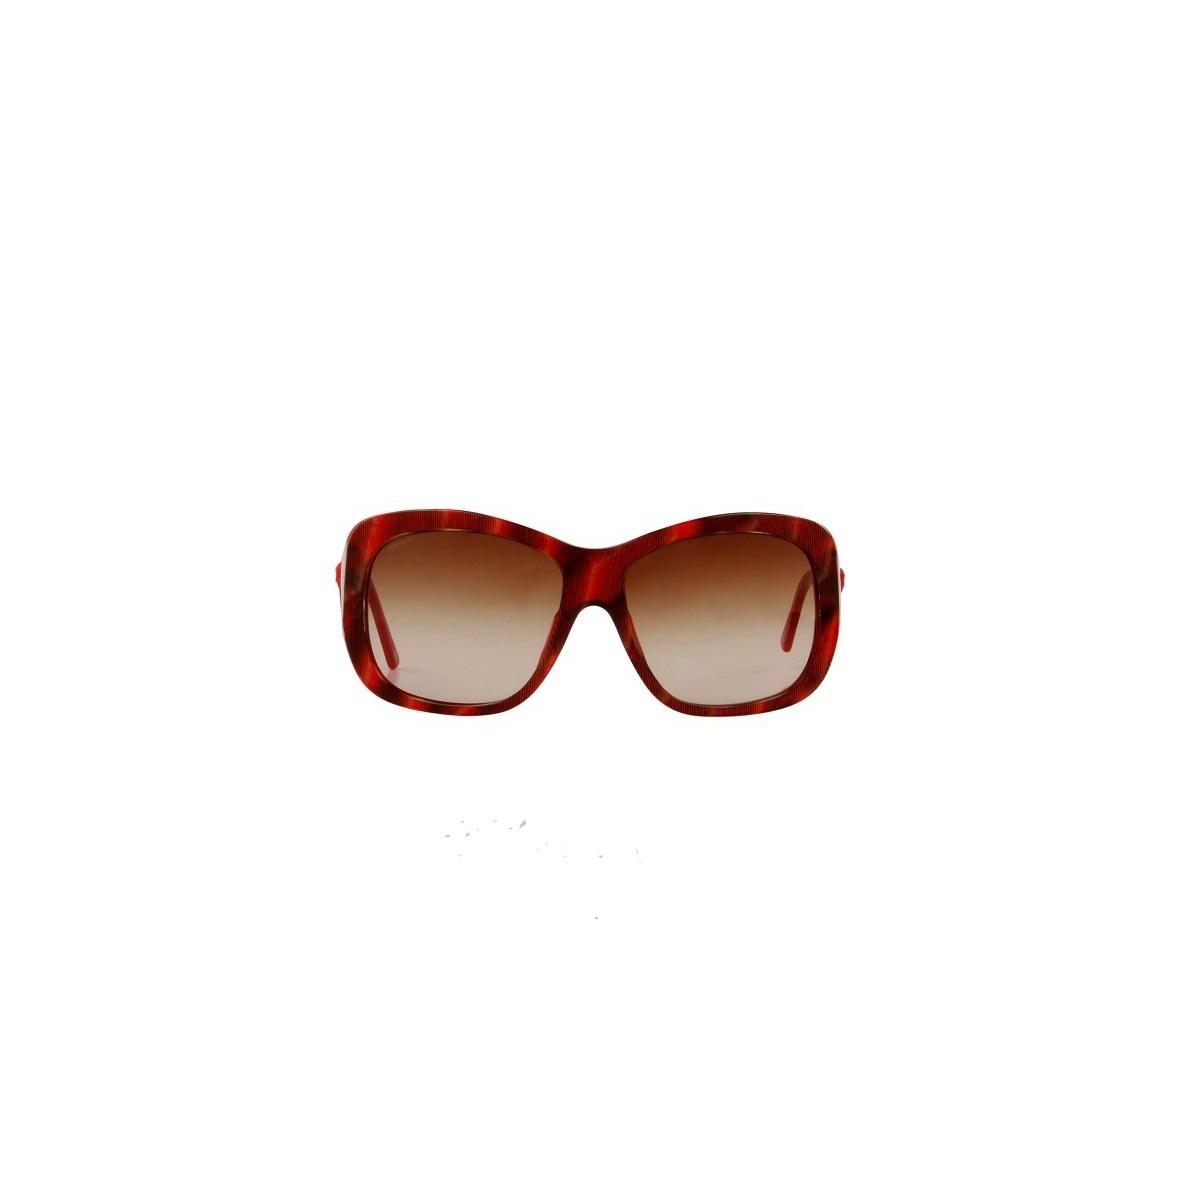 1e5cbfc1c3639 Óculos de Sol Versace 100% Proteção UV Astes Feminino - Vermelho ...